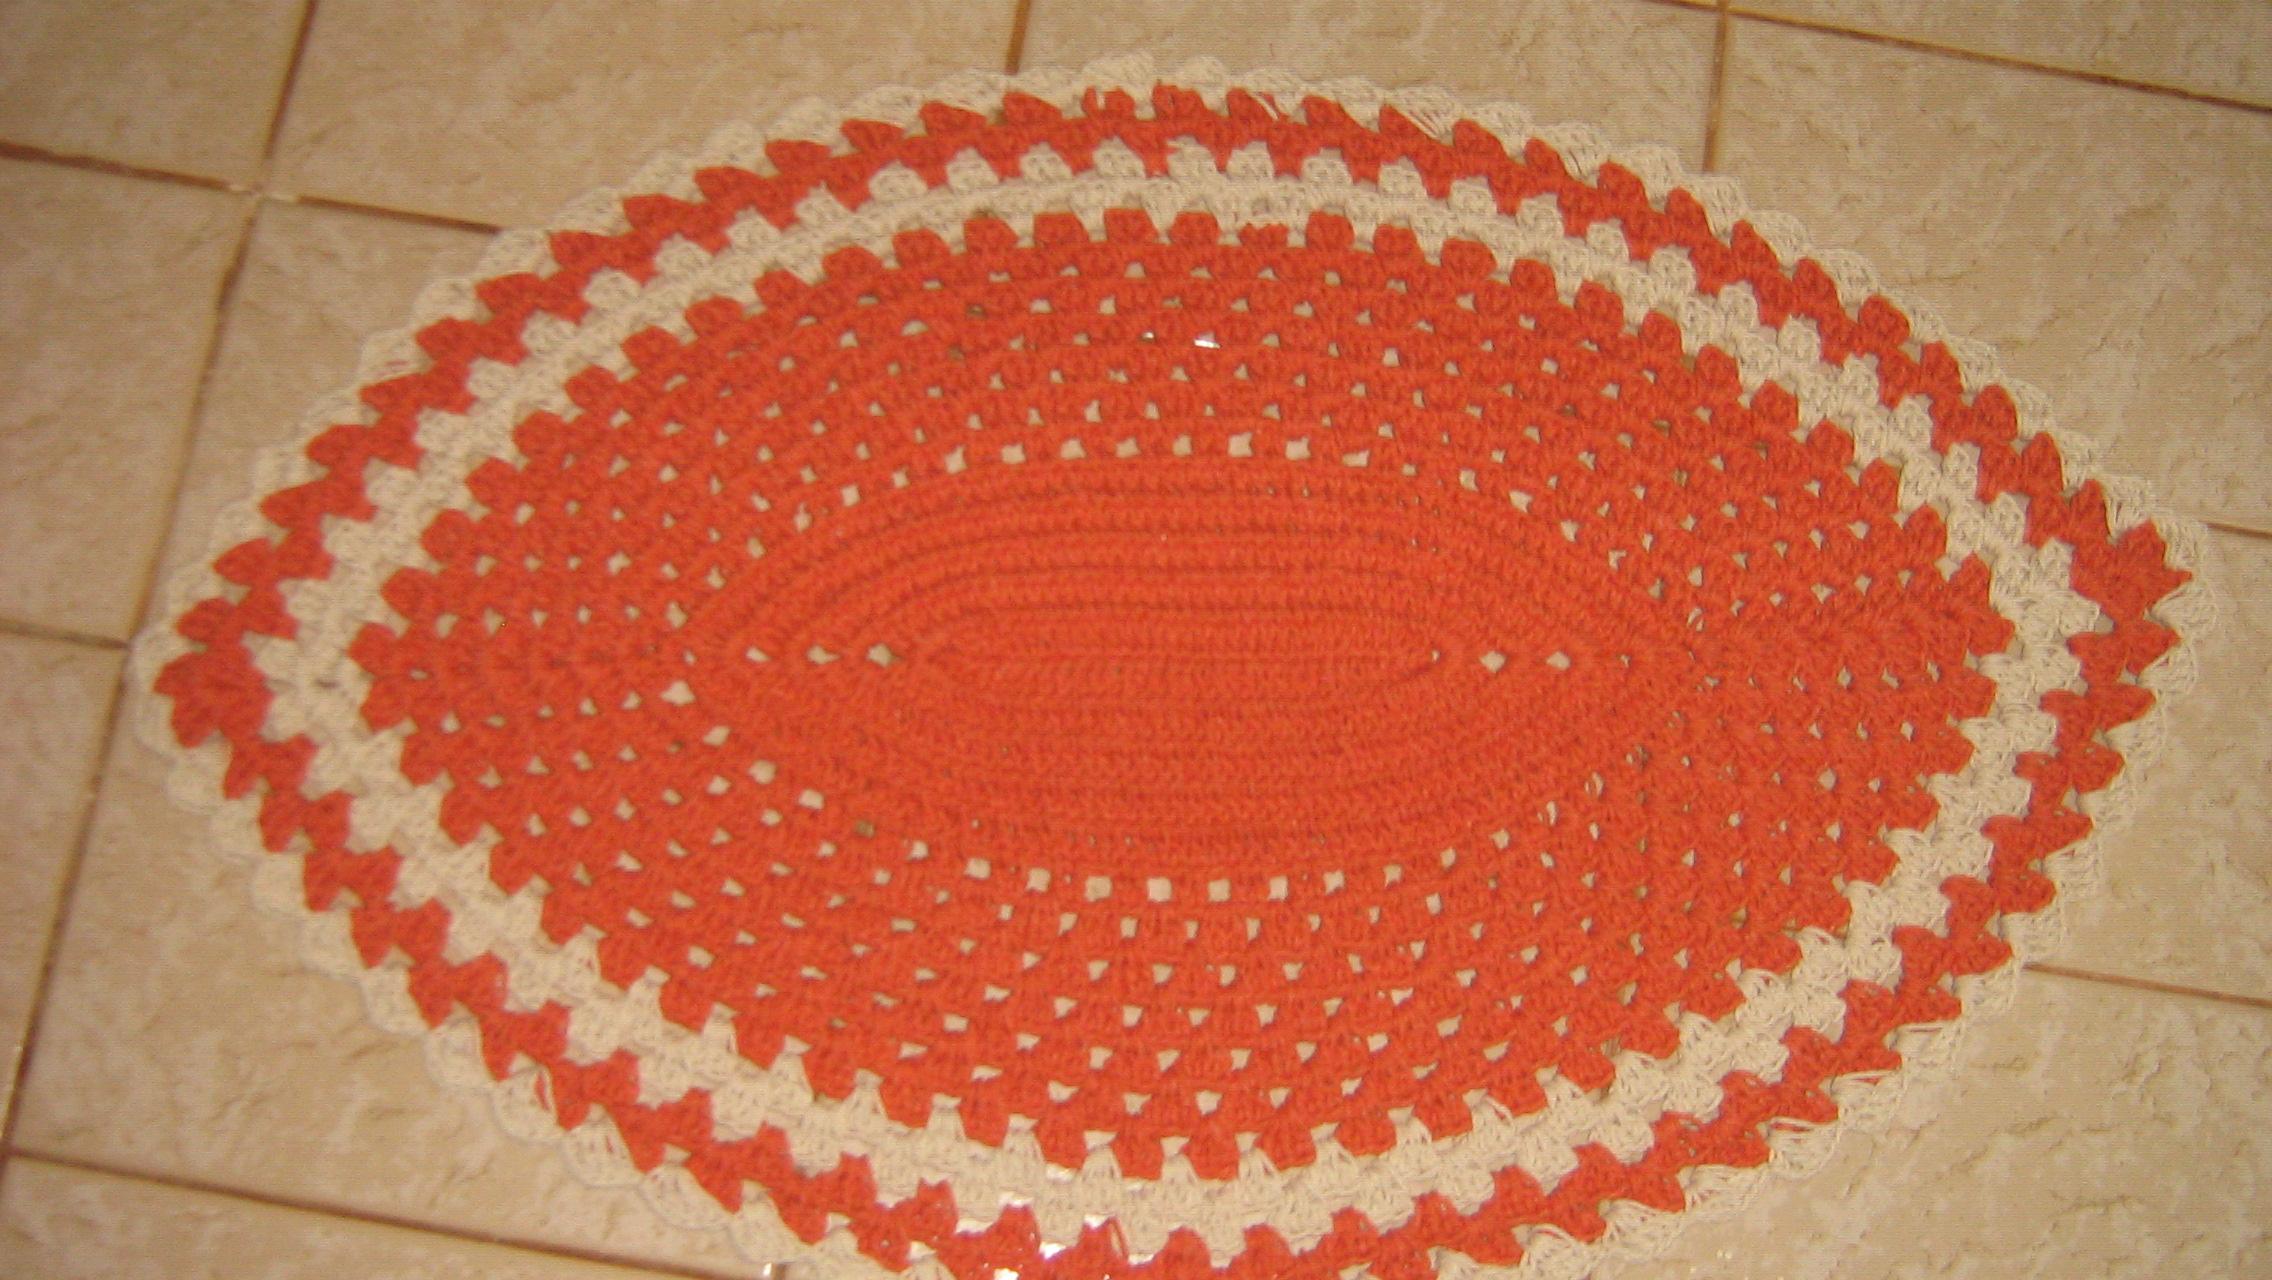 Encontre e salve ideias sobre Tapete de crochê no Pinterest. | Veja mais ideias sobre Padrões de tapete, Trapillo e Tapetes de crochê.